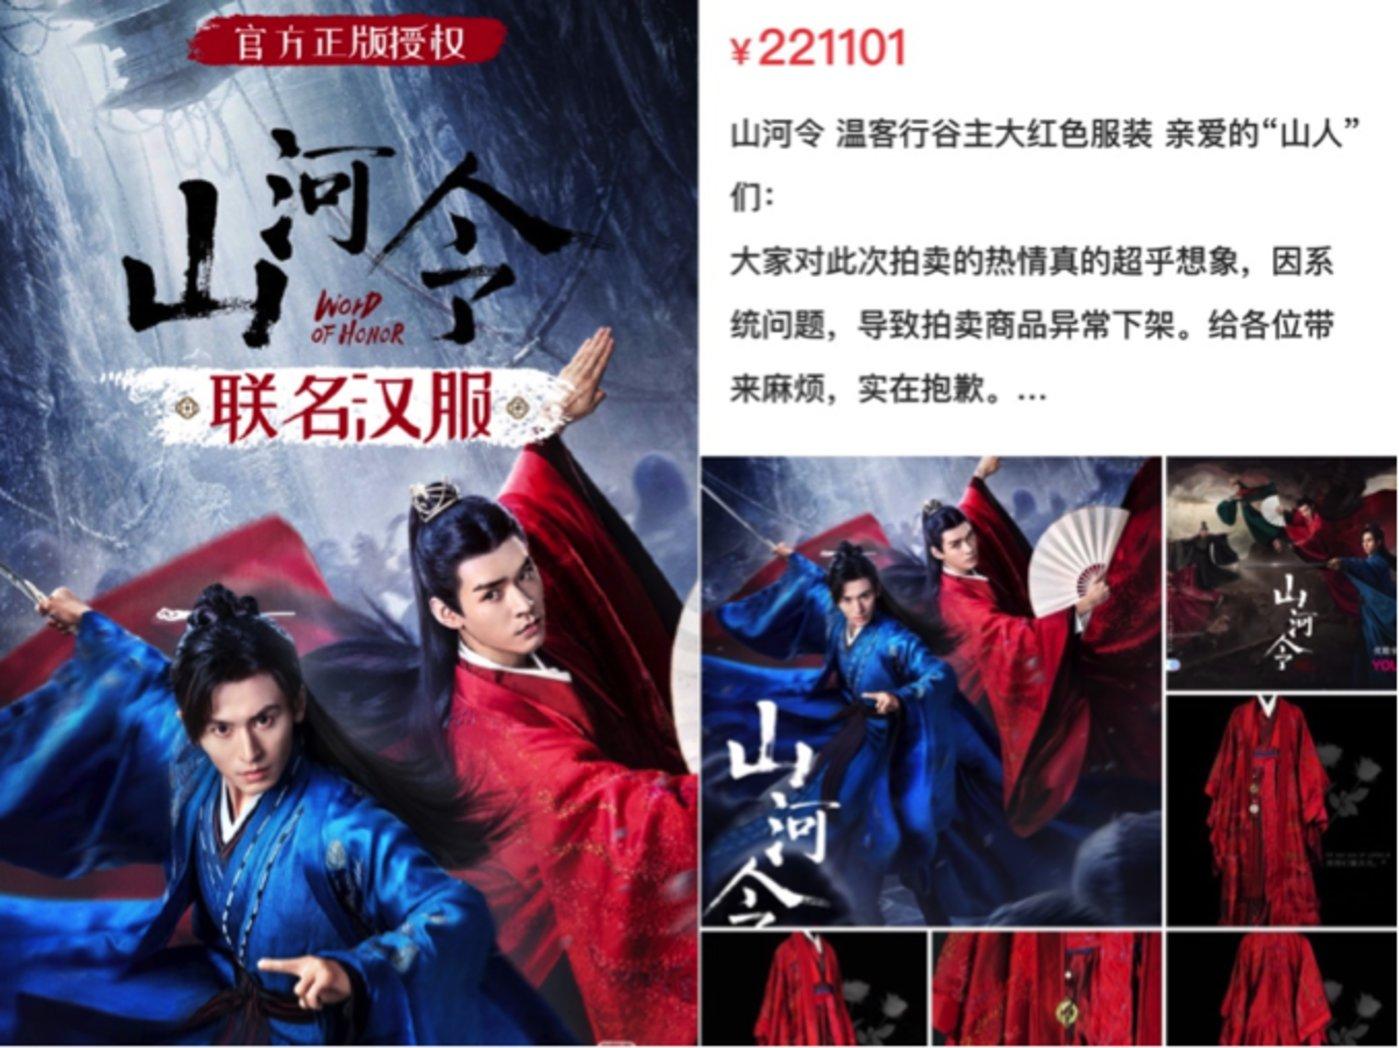 《山河令》剧中汉服被粉丝拍至22万元